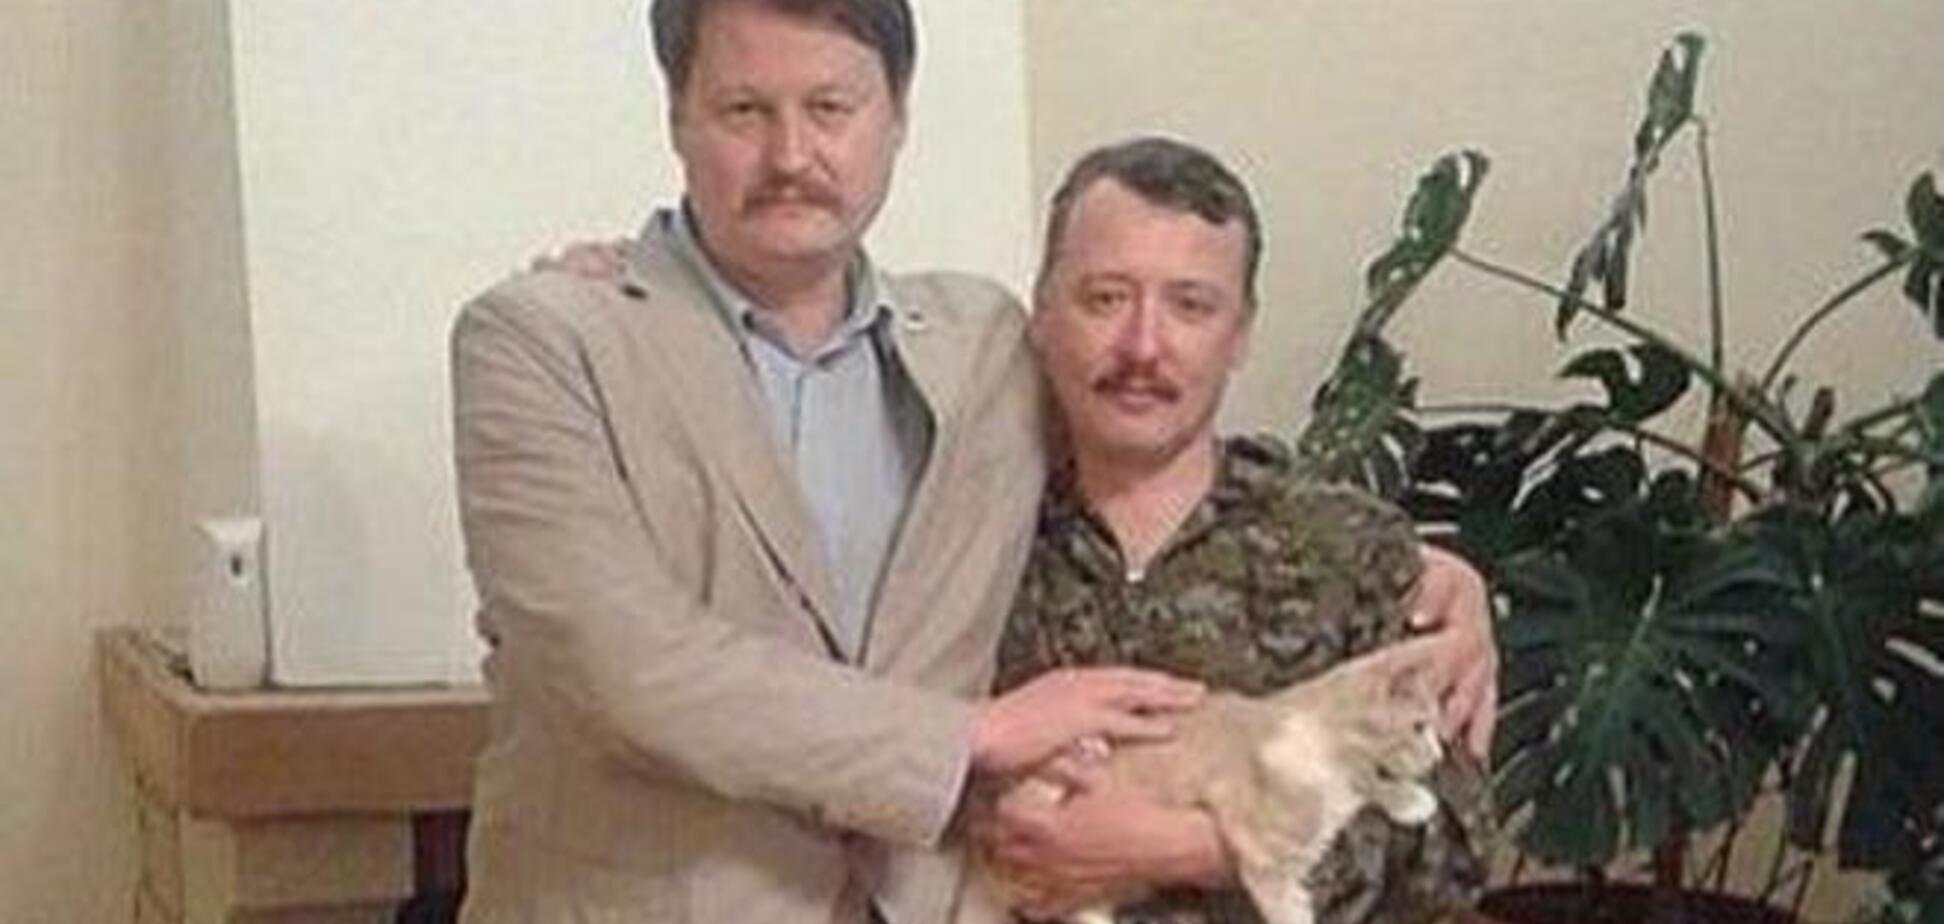 Гиркин похвастал 'семейным' фото с рыжим котом и усатым незнакомцем